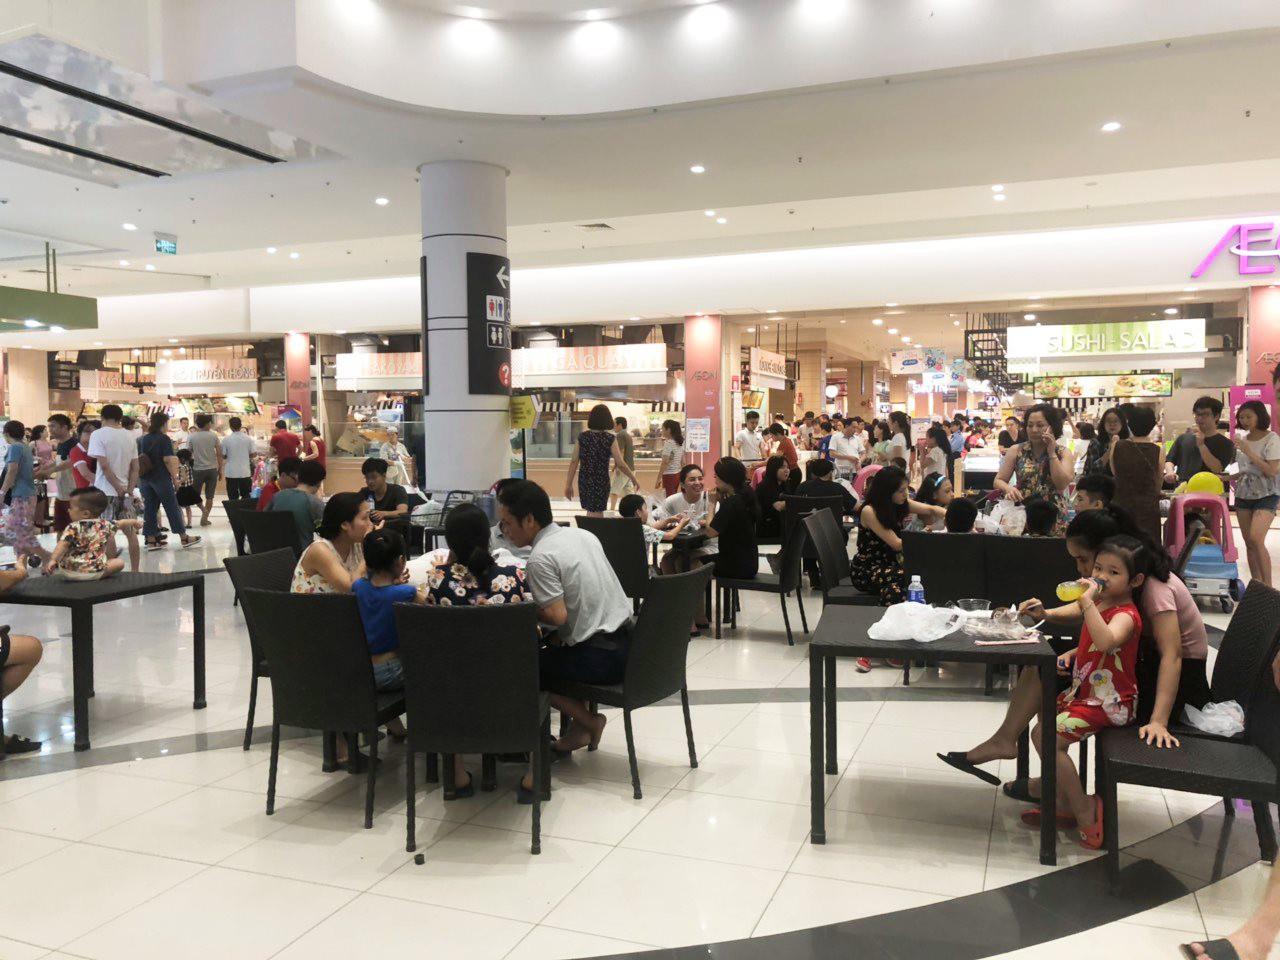 Ảnh 4: Vào trung tâm thương mại tránh nóng - We25.vn